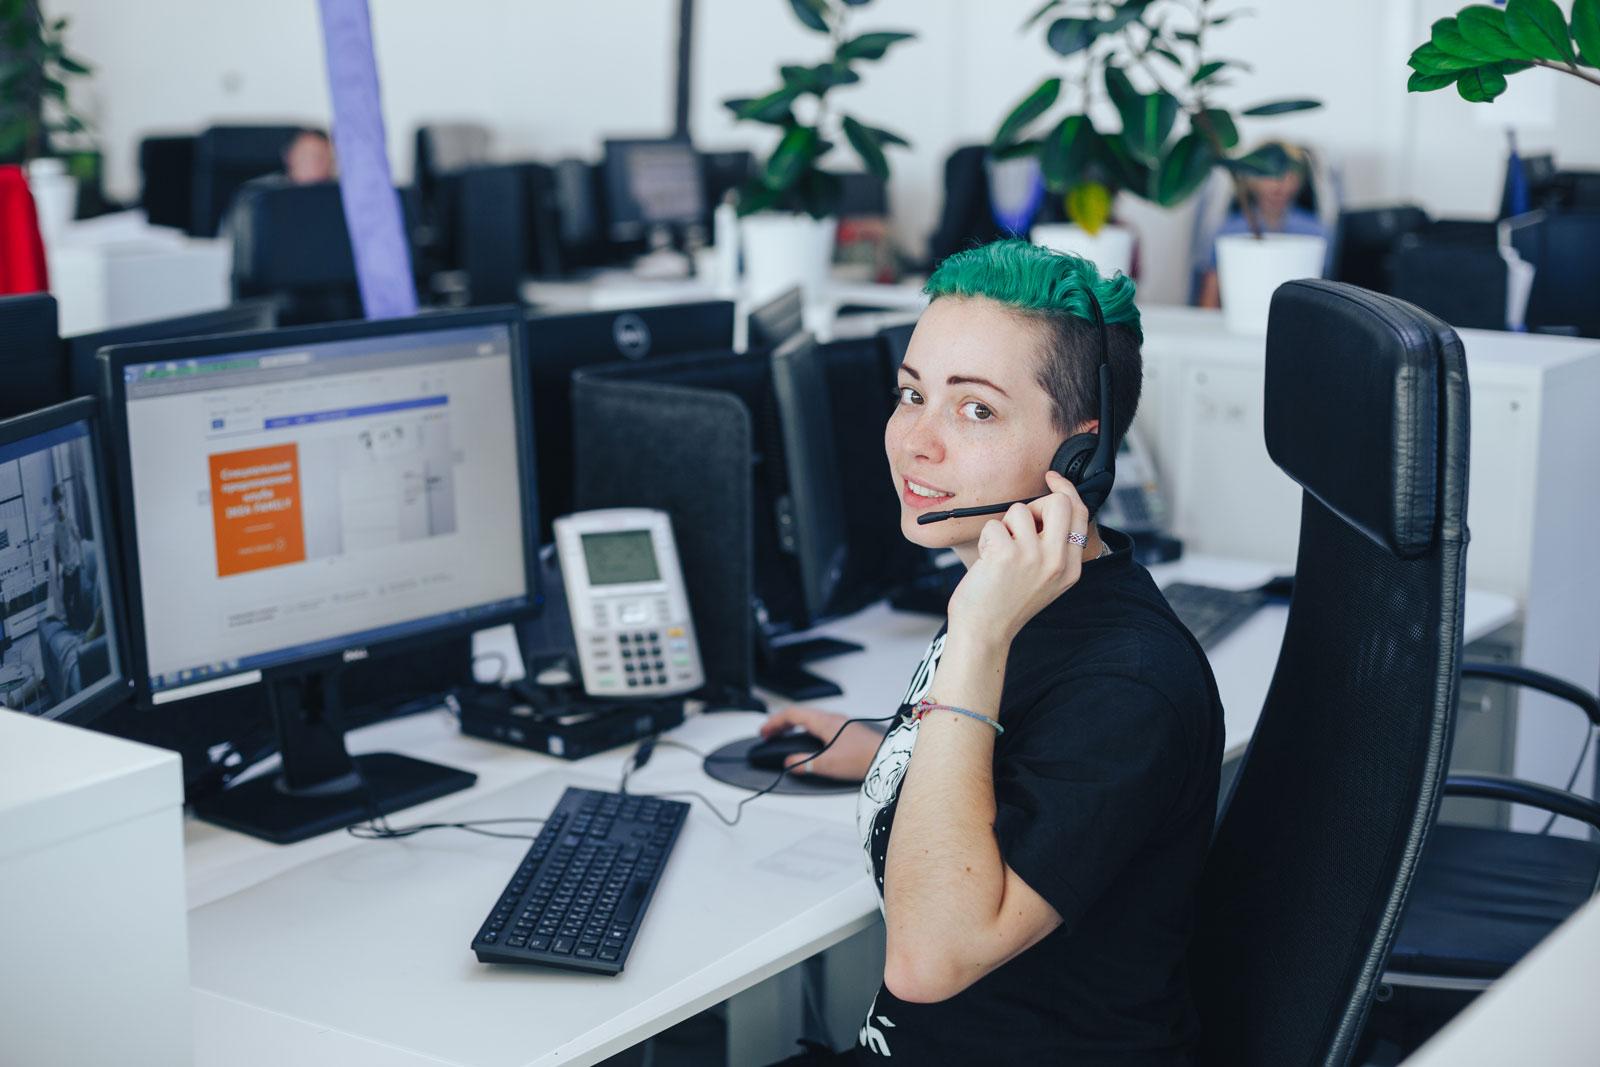 Центр поддержки клиентов ИКЕА: высокий уровень счастья